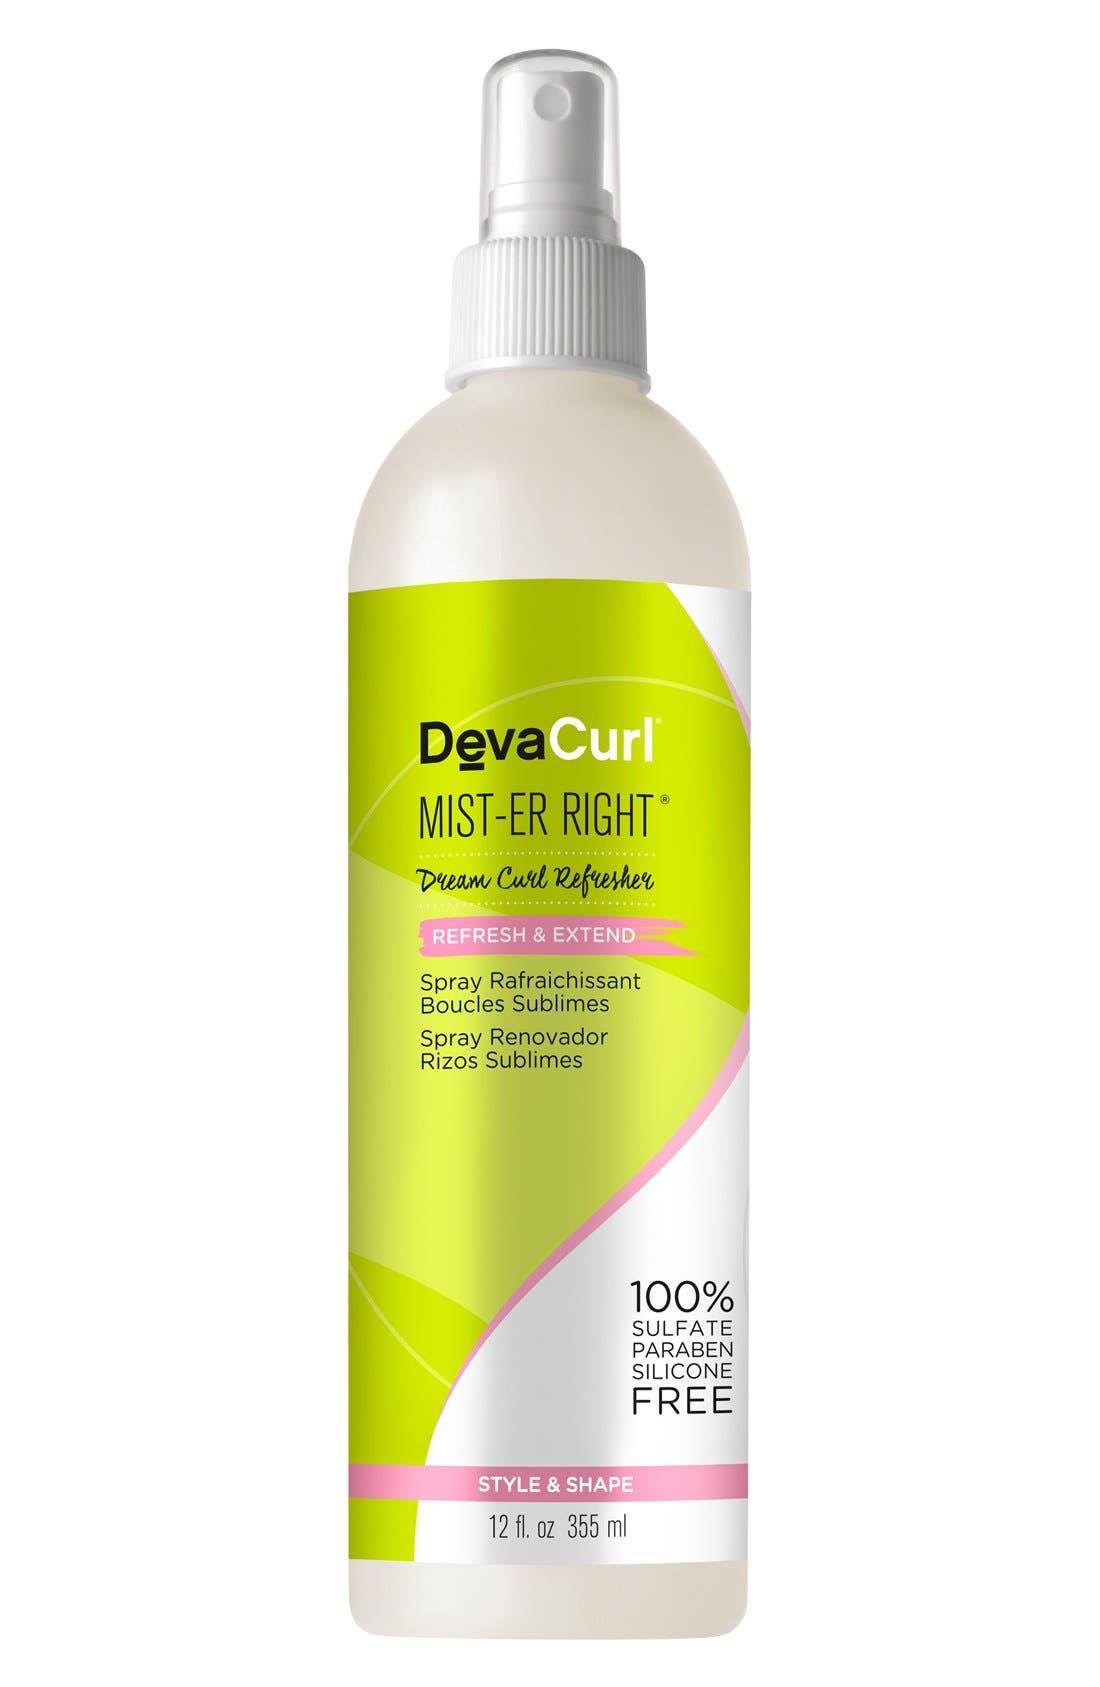 DevaCurl Mist-er Right Dream Curl Refresher